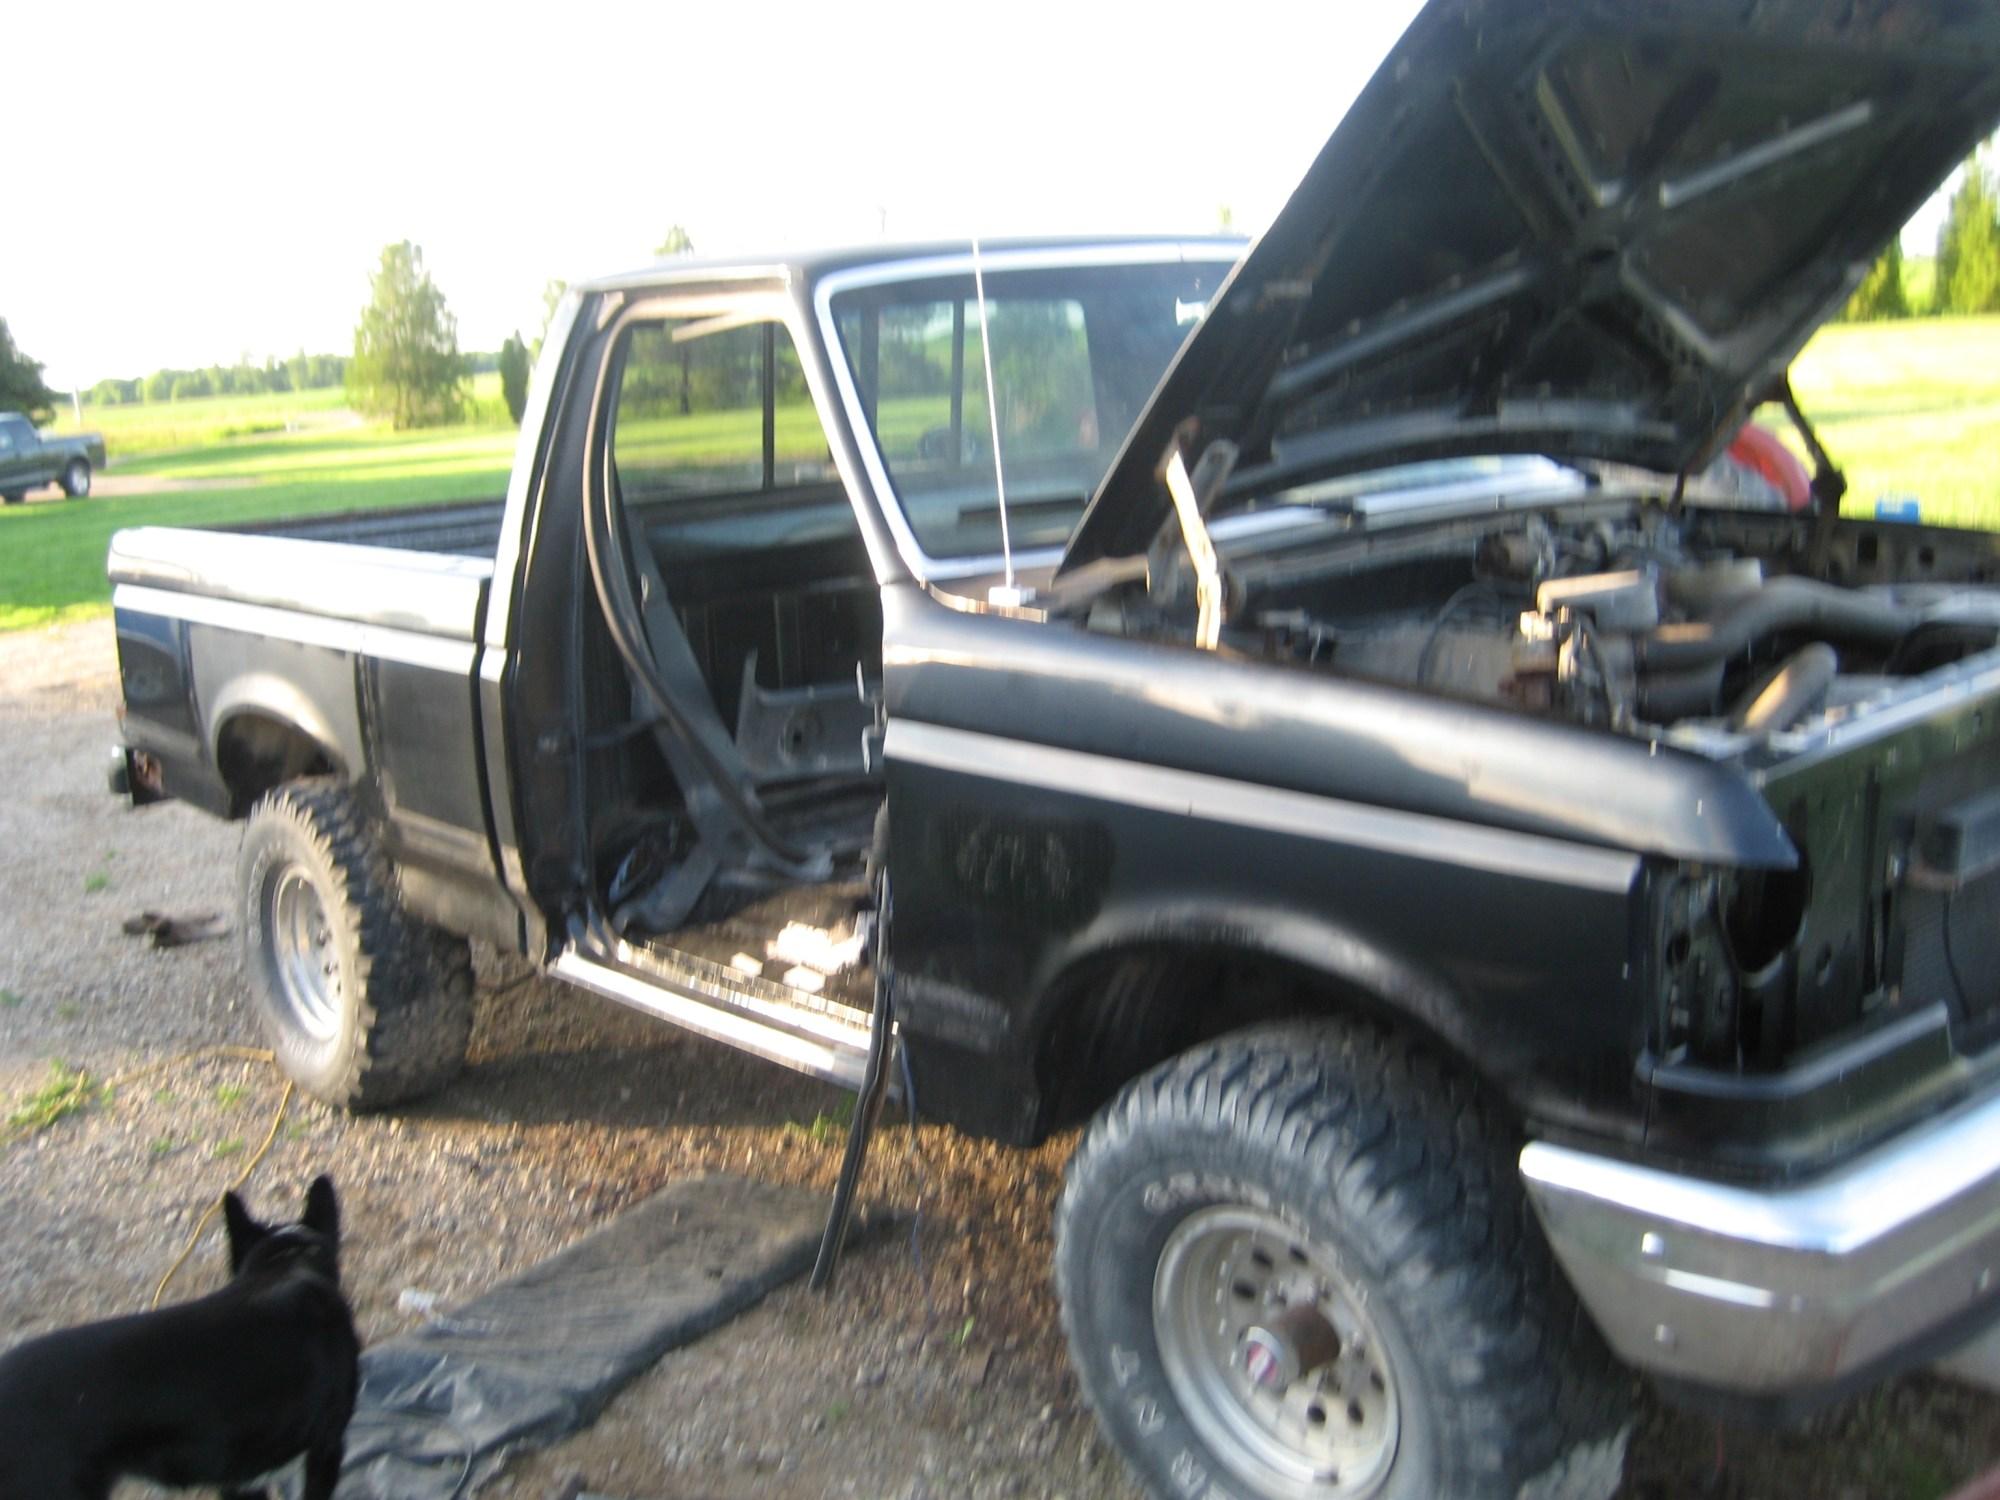 hight resolution of truck 2 022 jpg